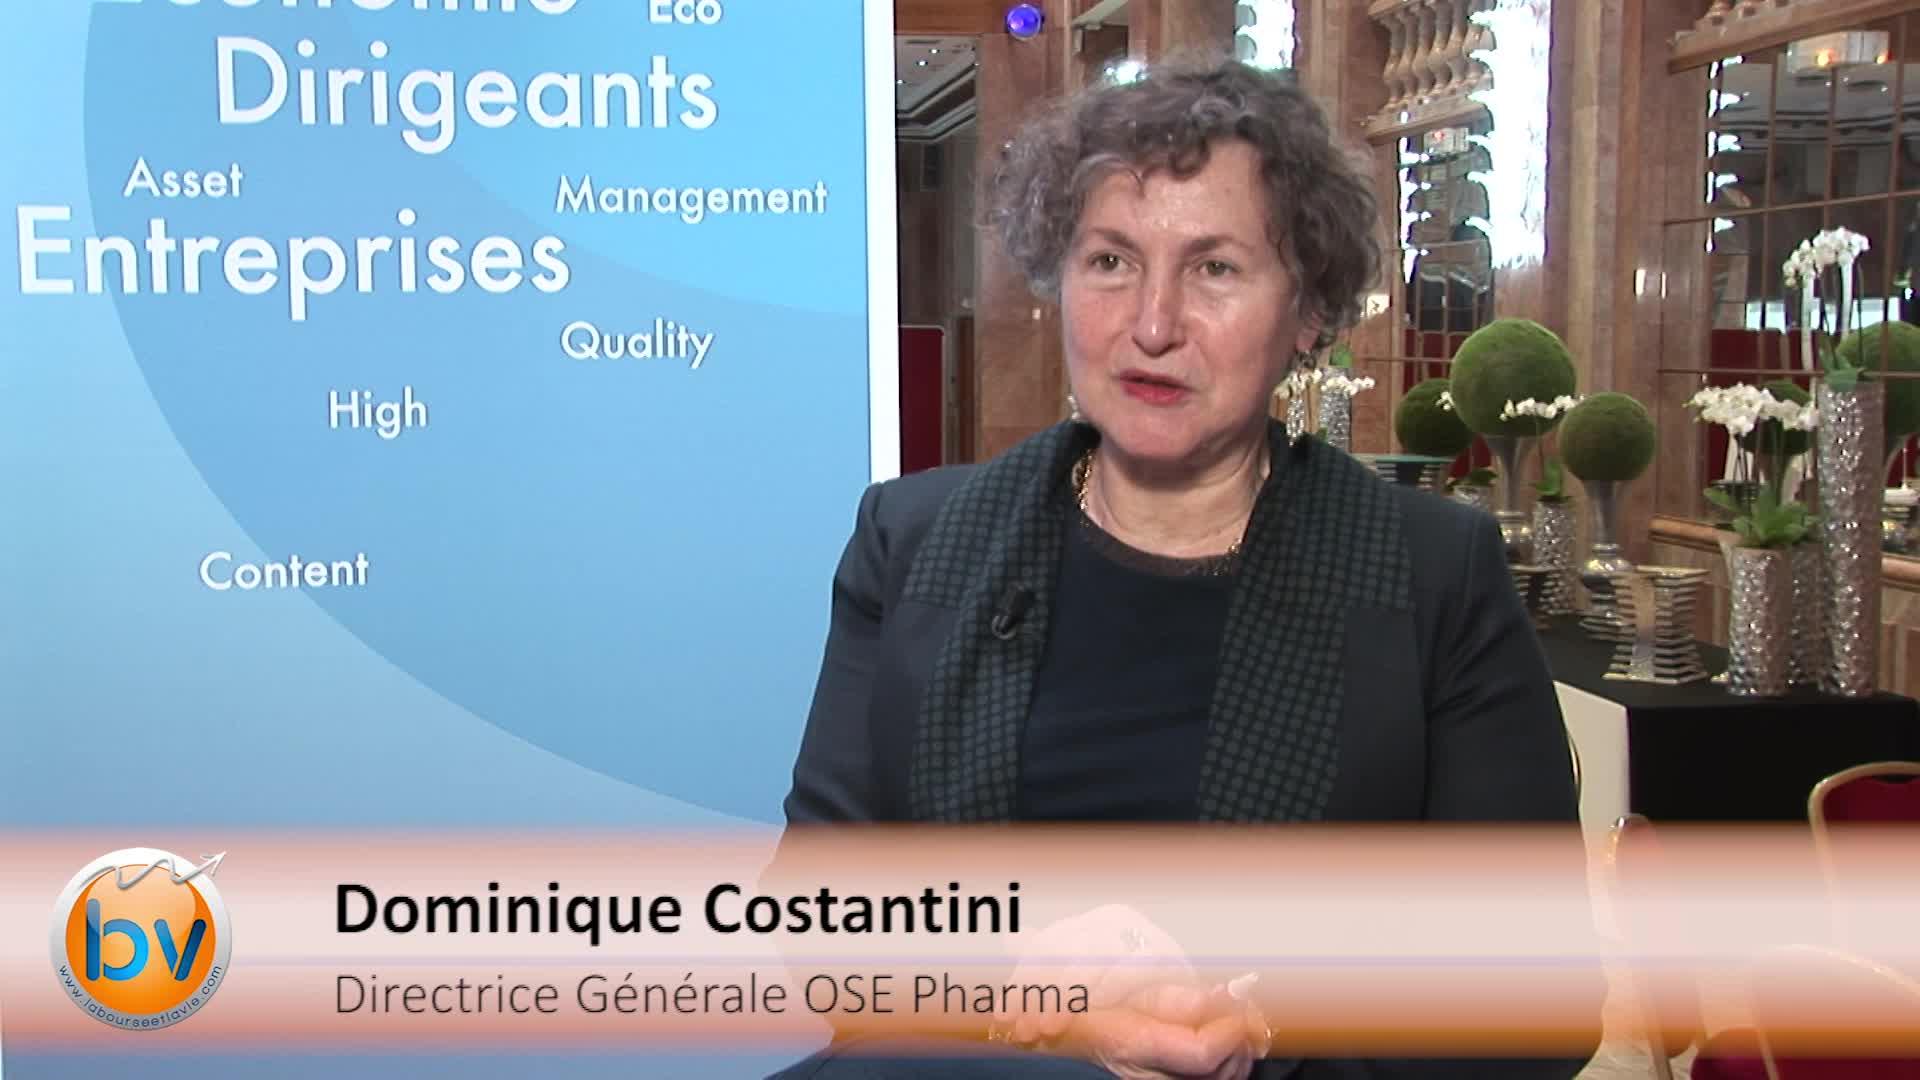 Valérie Monsérat Directrice de la Communication Financière de Vilmorin et des Relations Investisseurs